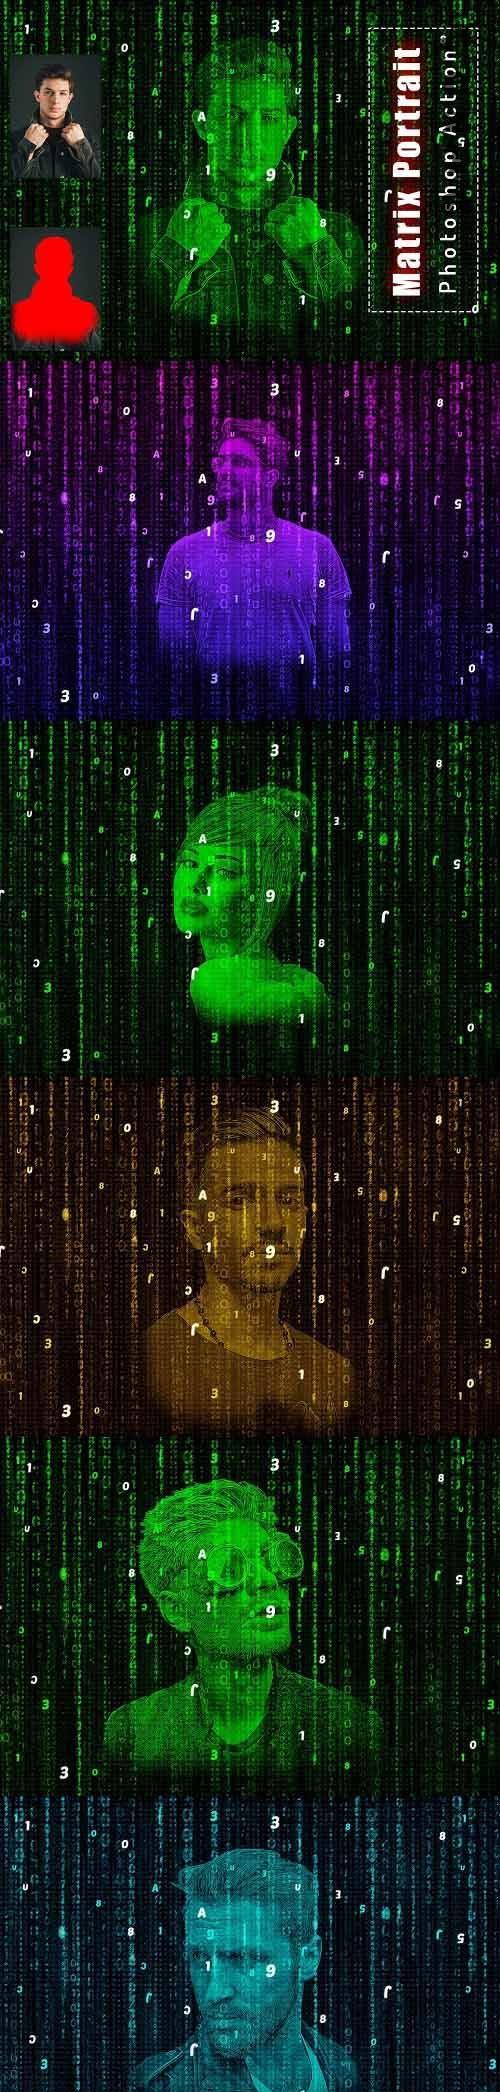 Matrix Portrait Photoshop Action - 6456511